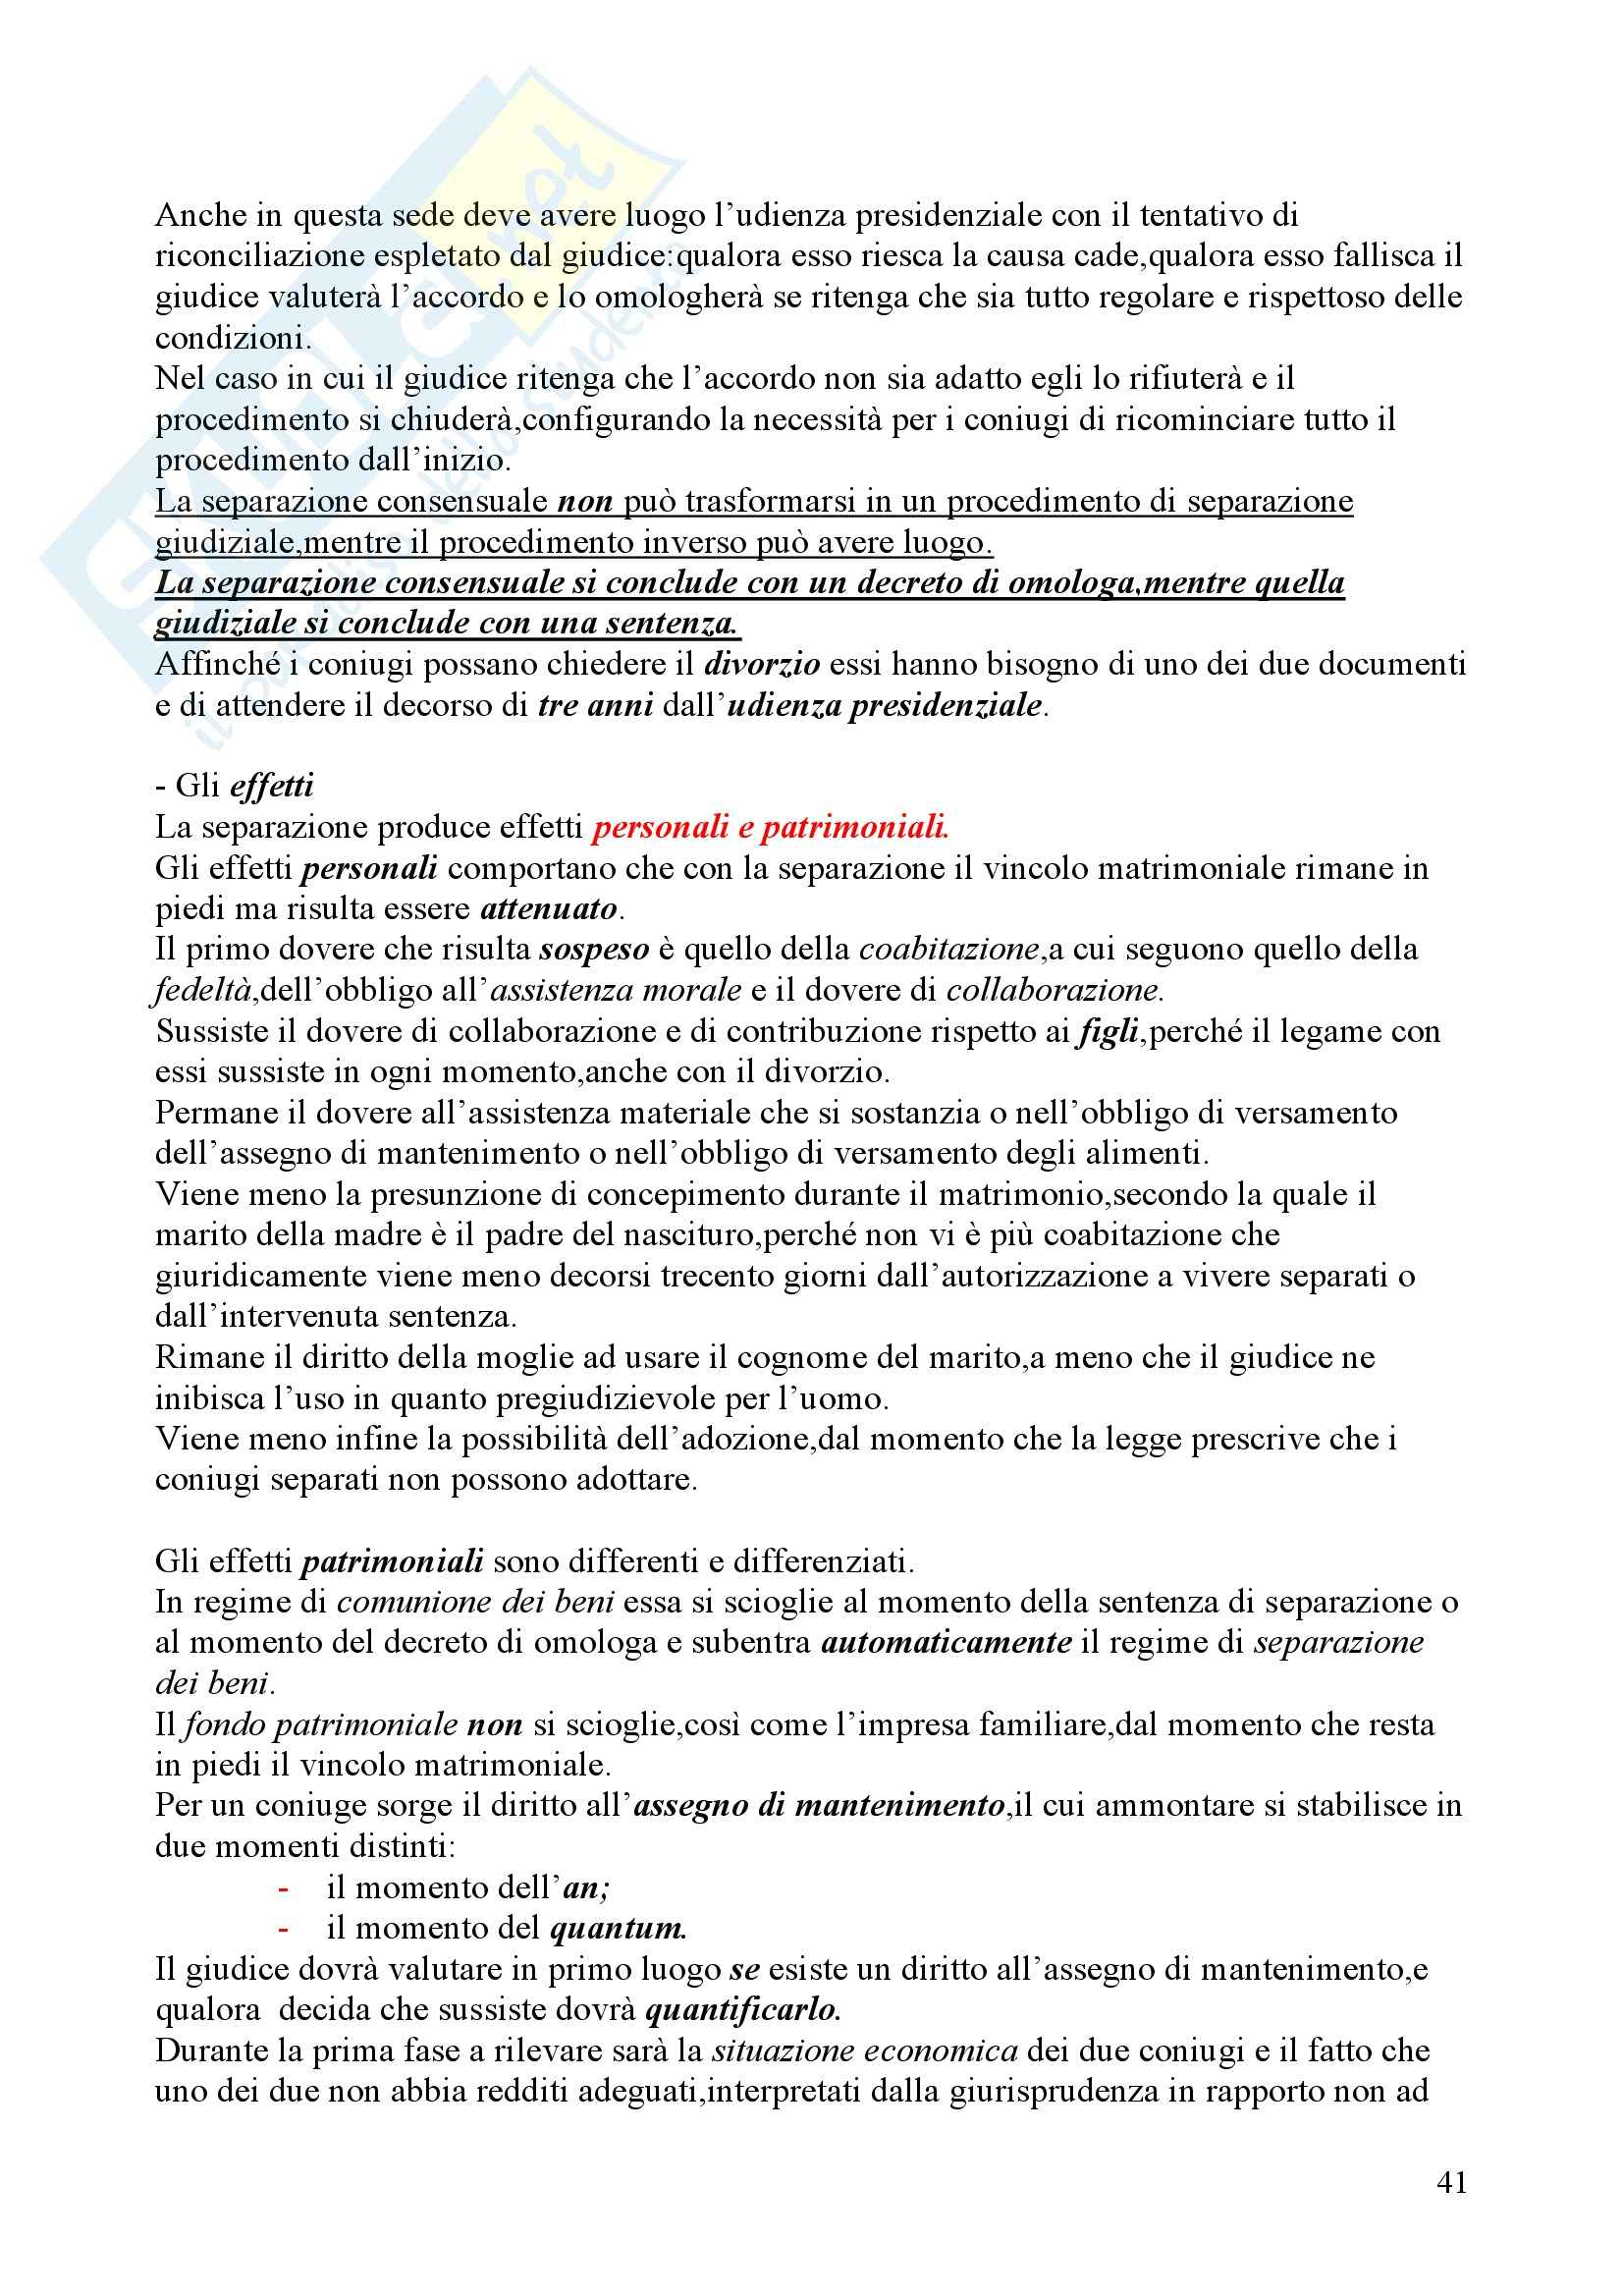 Diritto di famiglia - nozioni generali Pag. 41